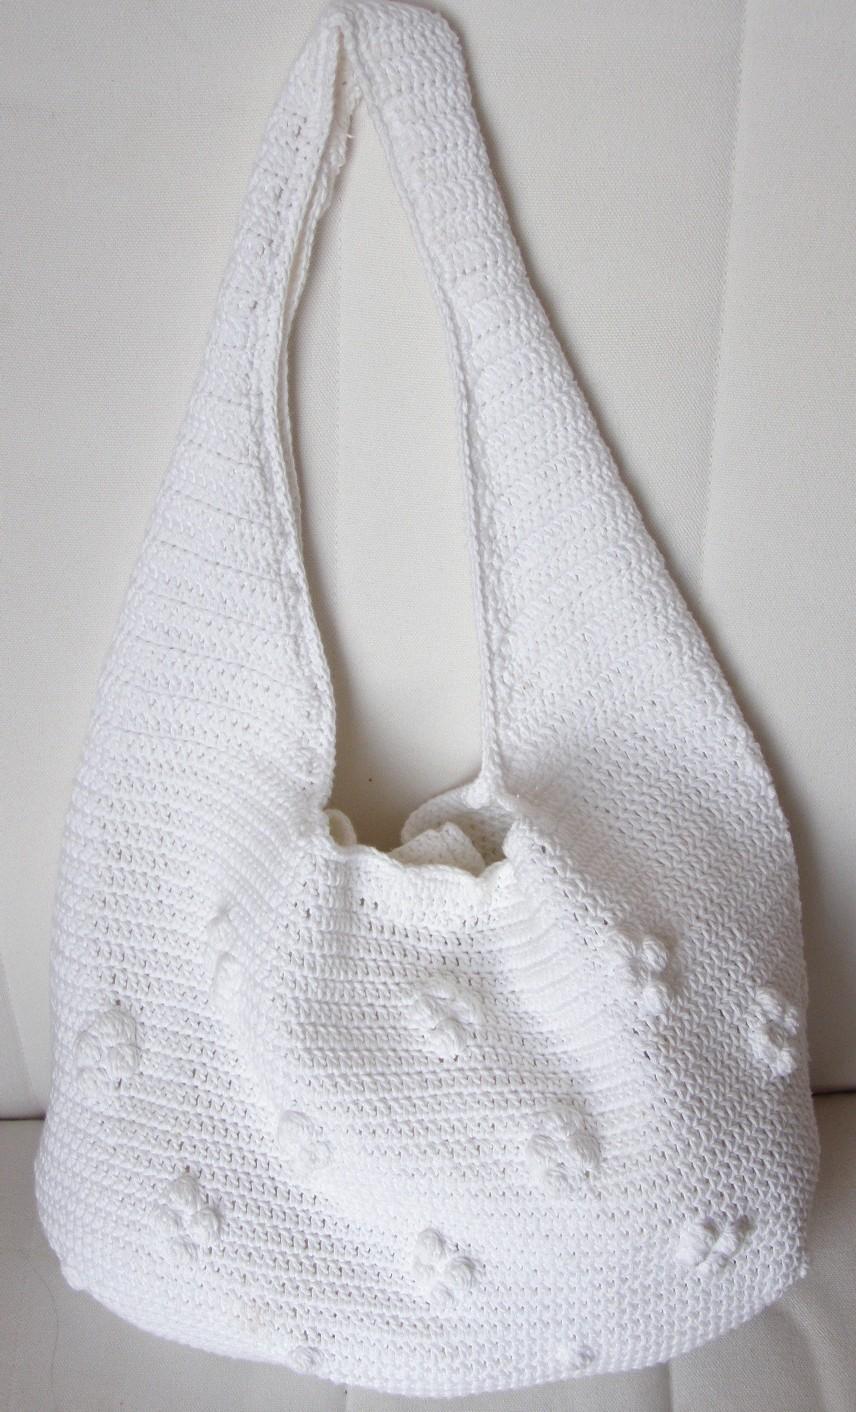 Ehhez a fehér táskához leginkább egy lenge nyári ruha és szandál illenék 83df07fed1